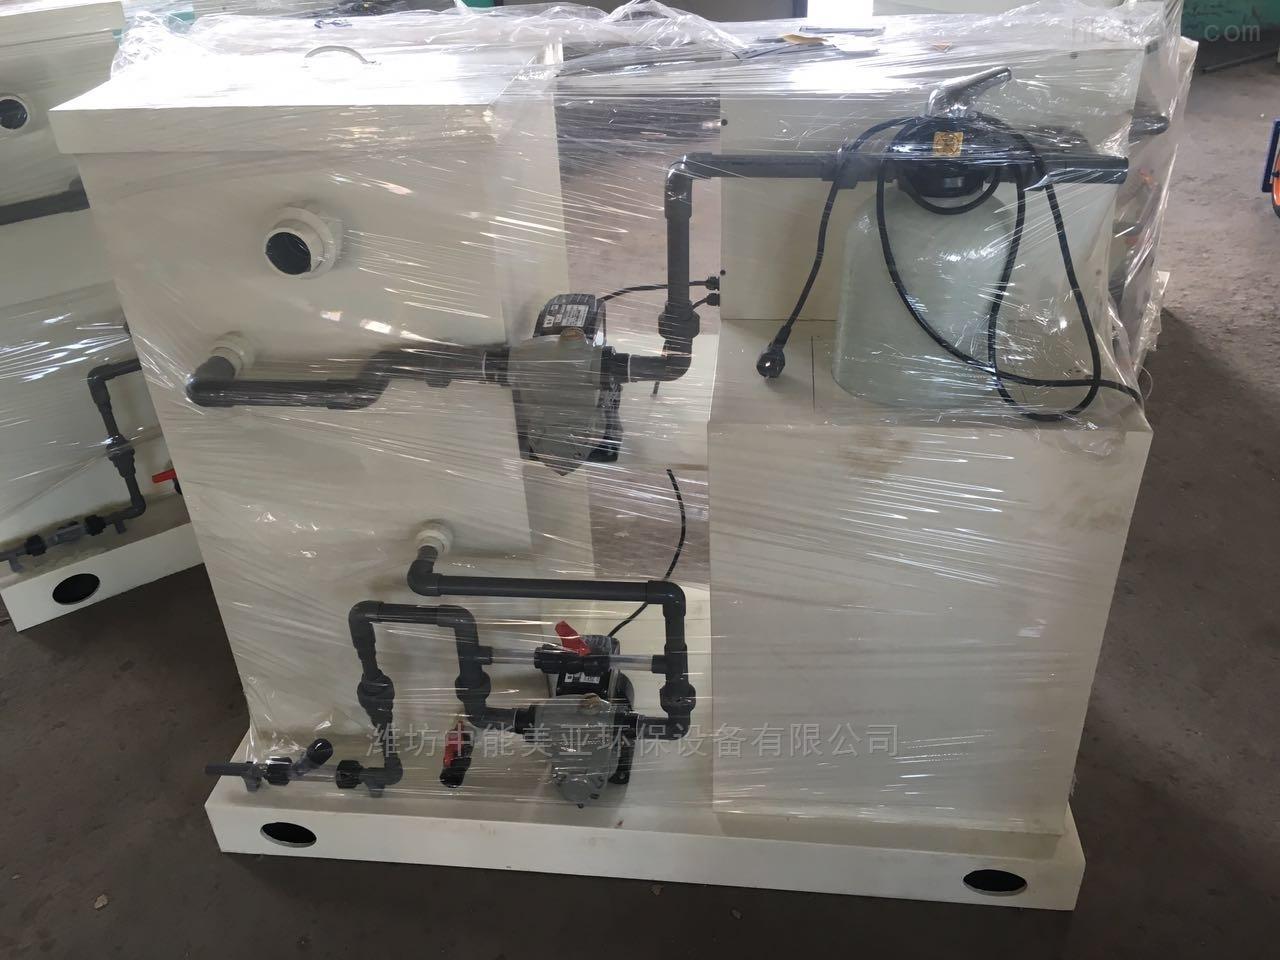 小型防疫站医疗废水消毒设备